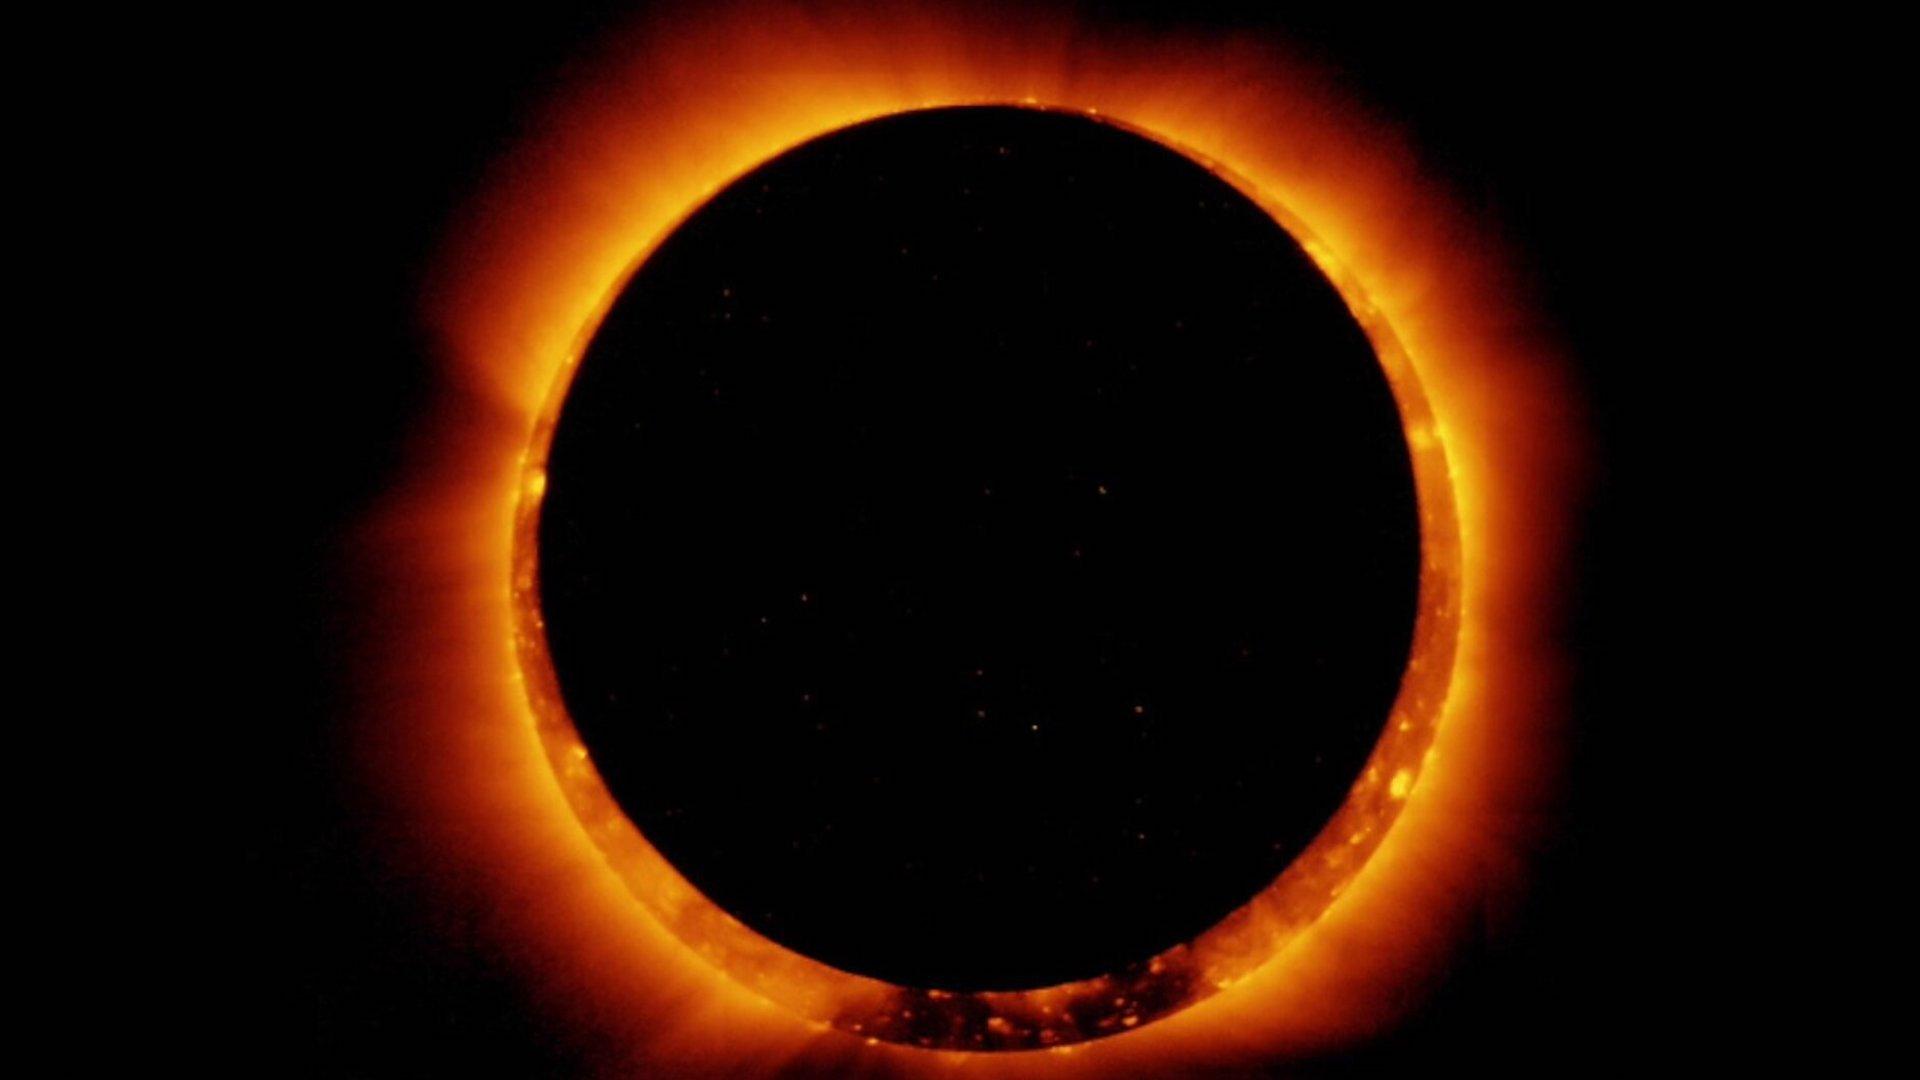 ¿Por qué es tan raro el eclipse anular de sol de este 21 de junio?